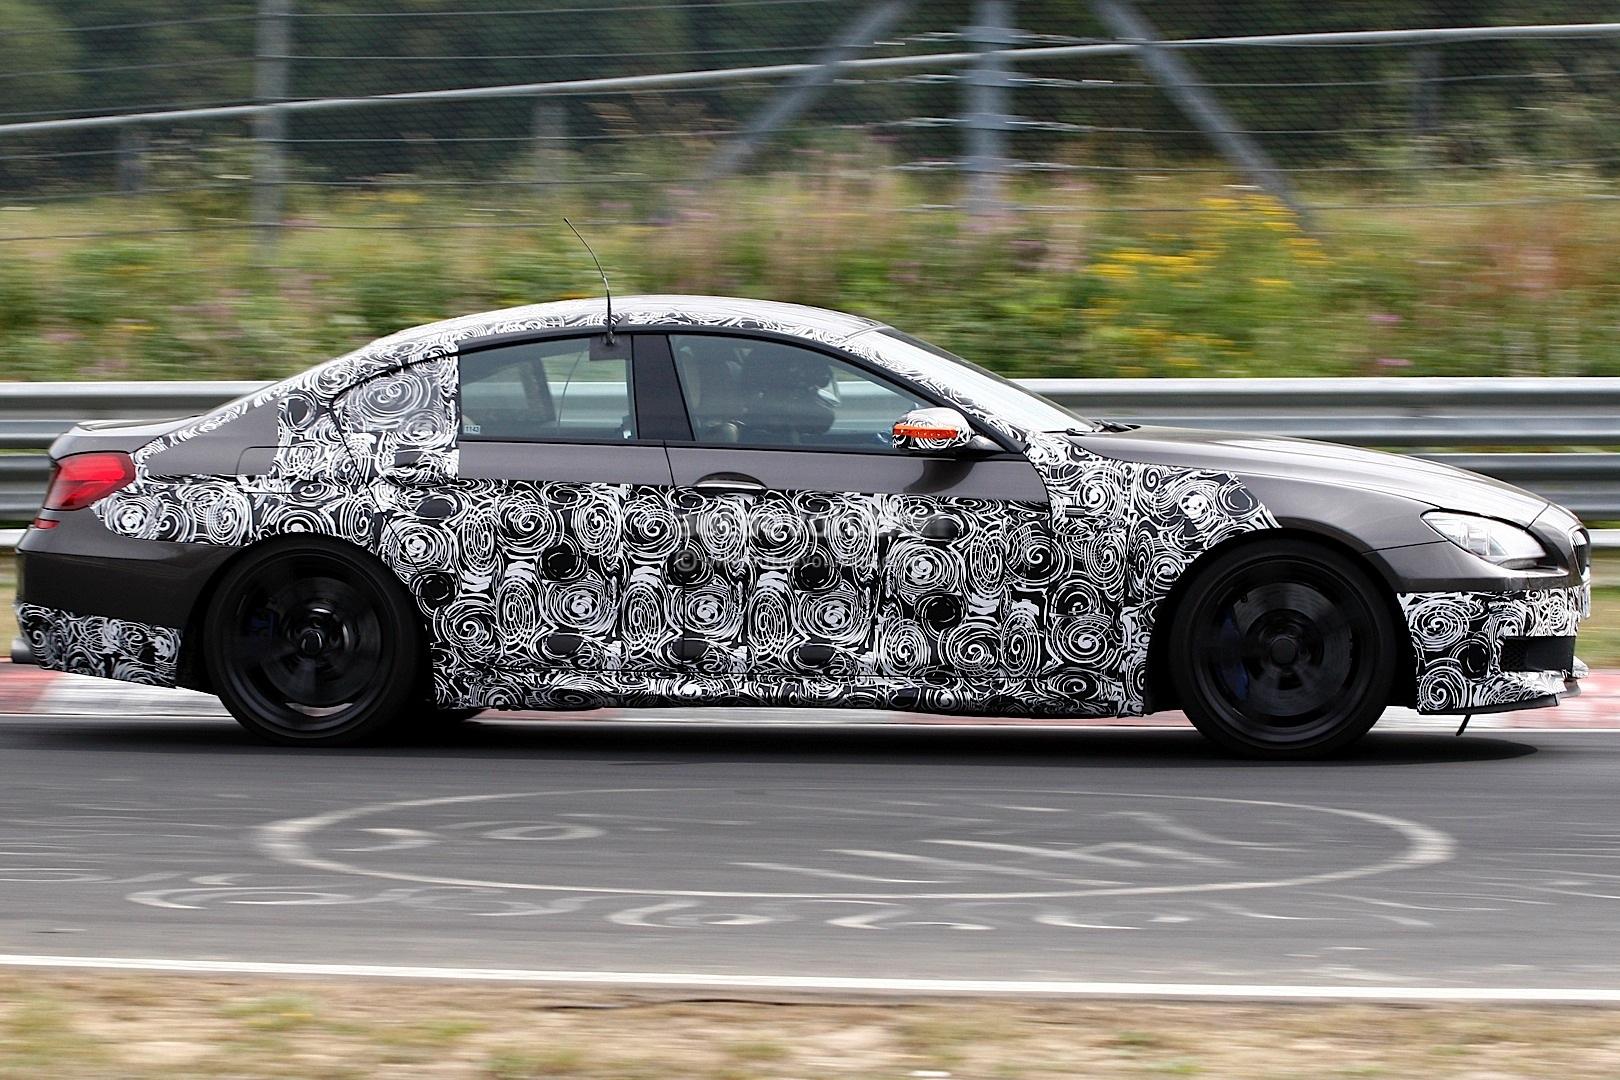 BMW M6 Gran Coupe spyshot